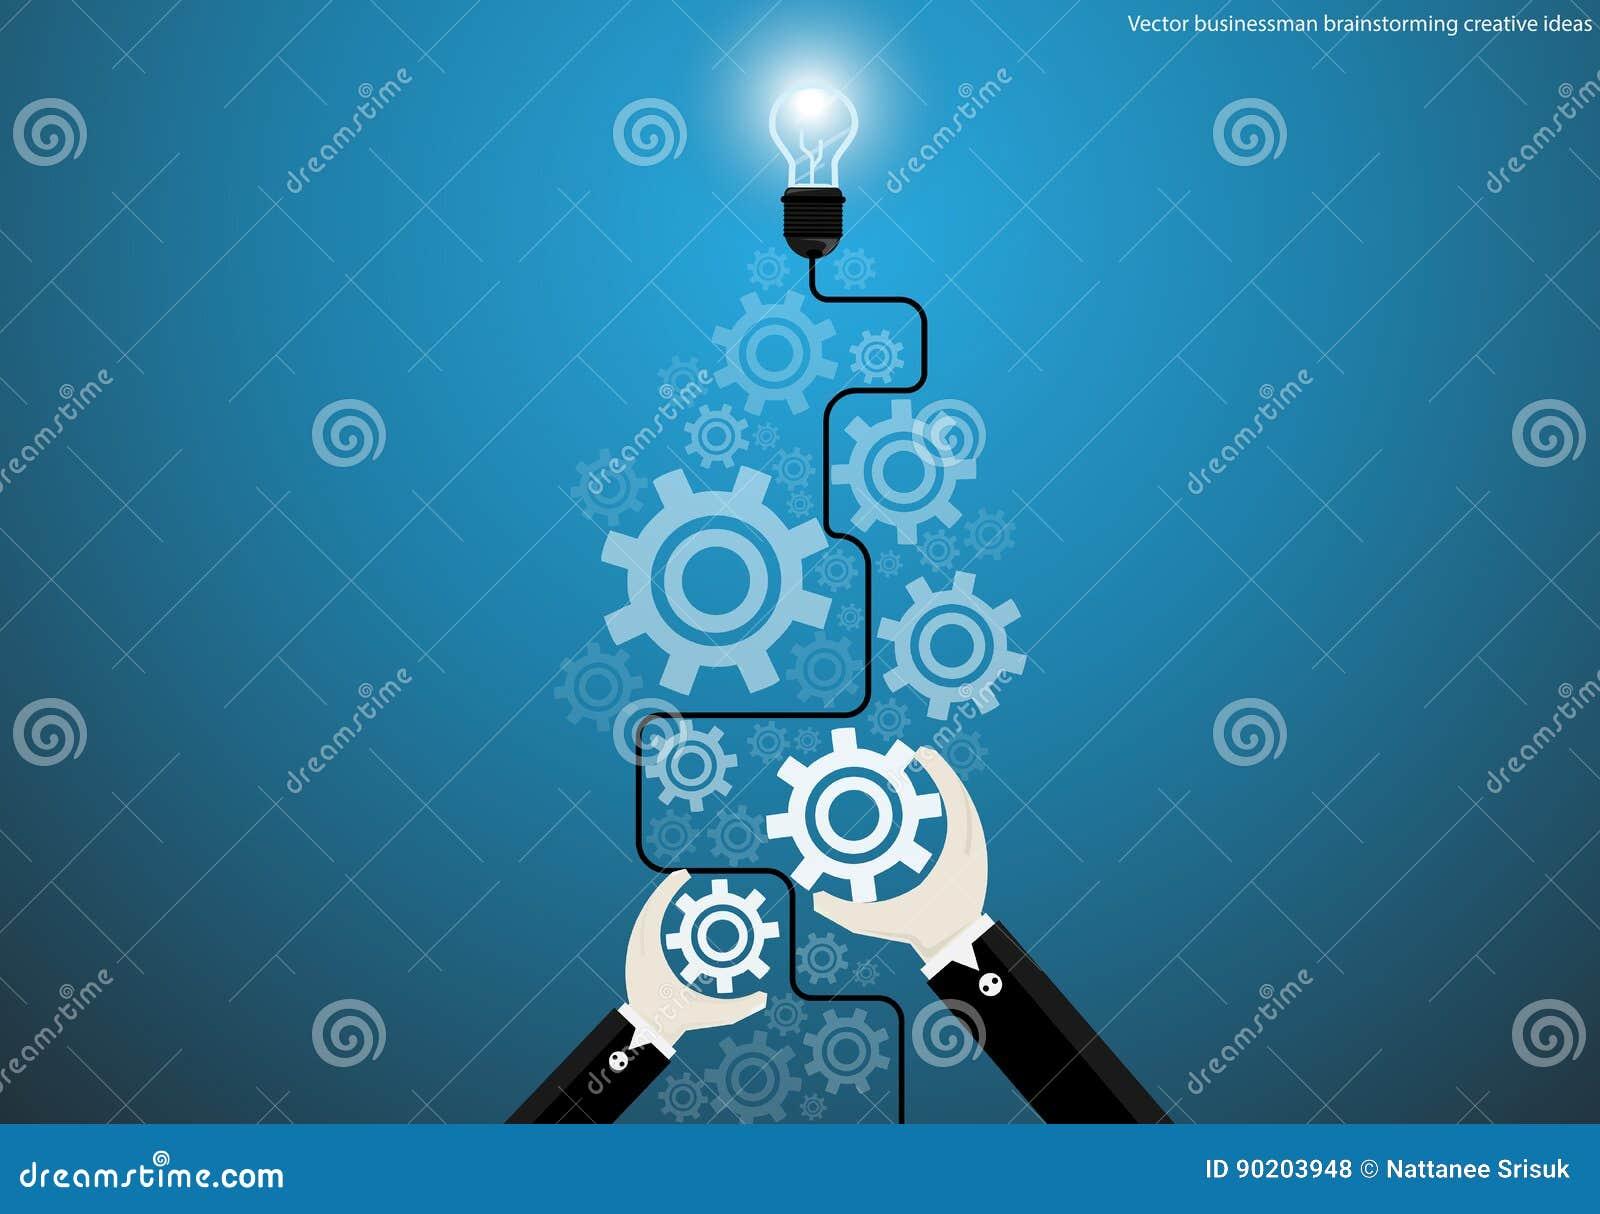 Wektorowy biznesmen brainstorming kreatywnie pomysły z żarówek móżdżkowych cogs płaskim projektem